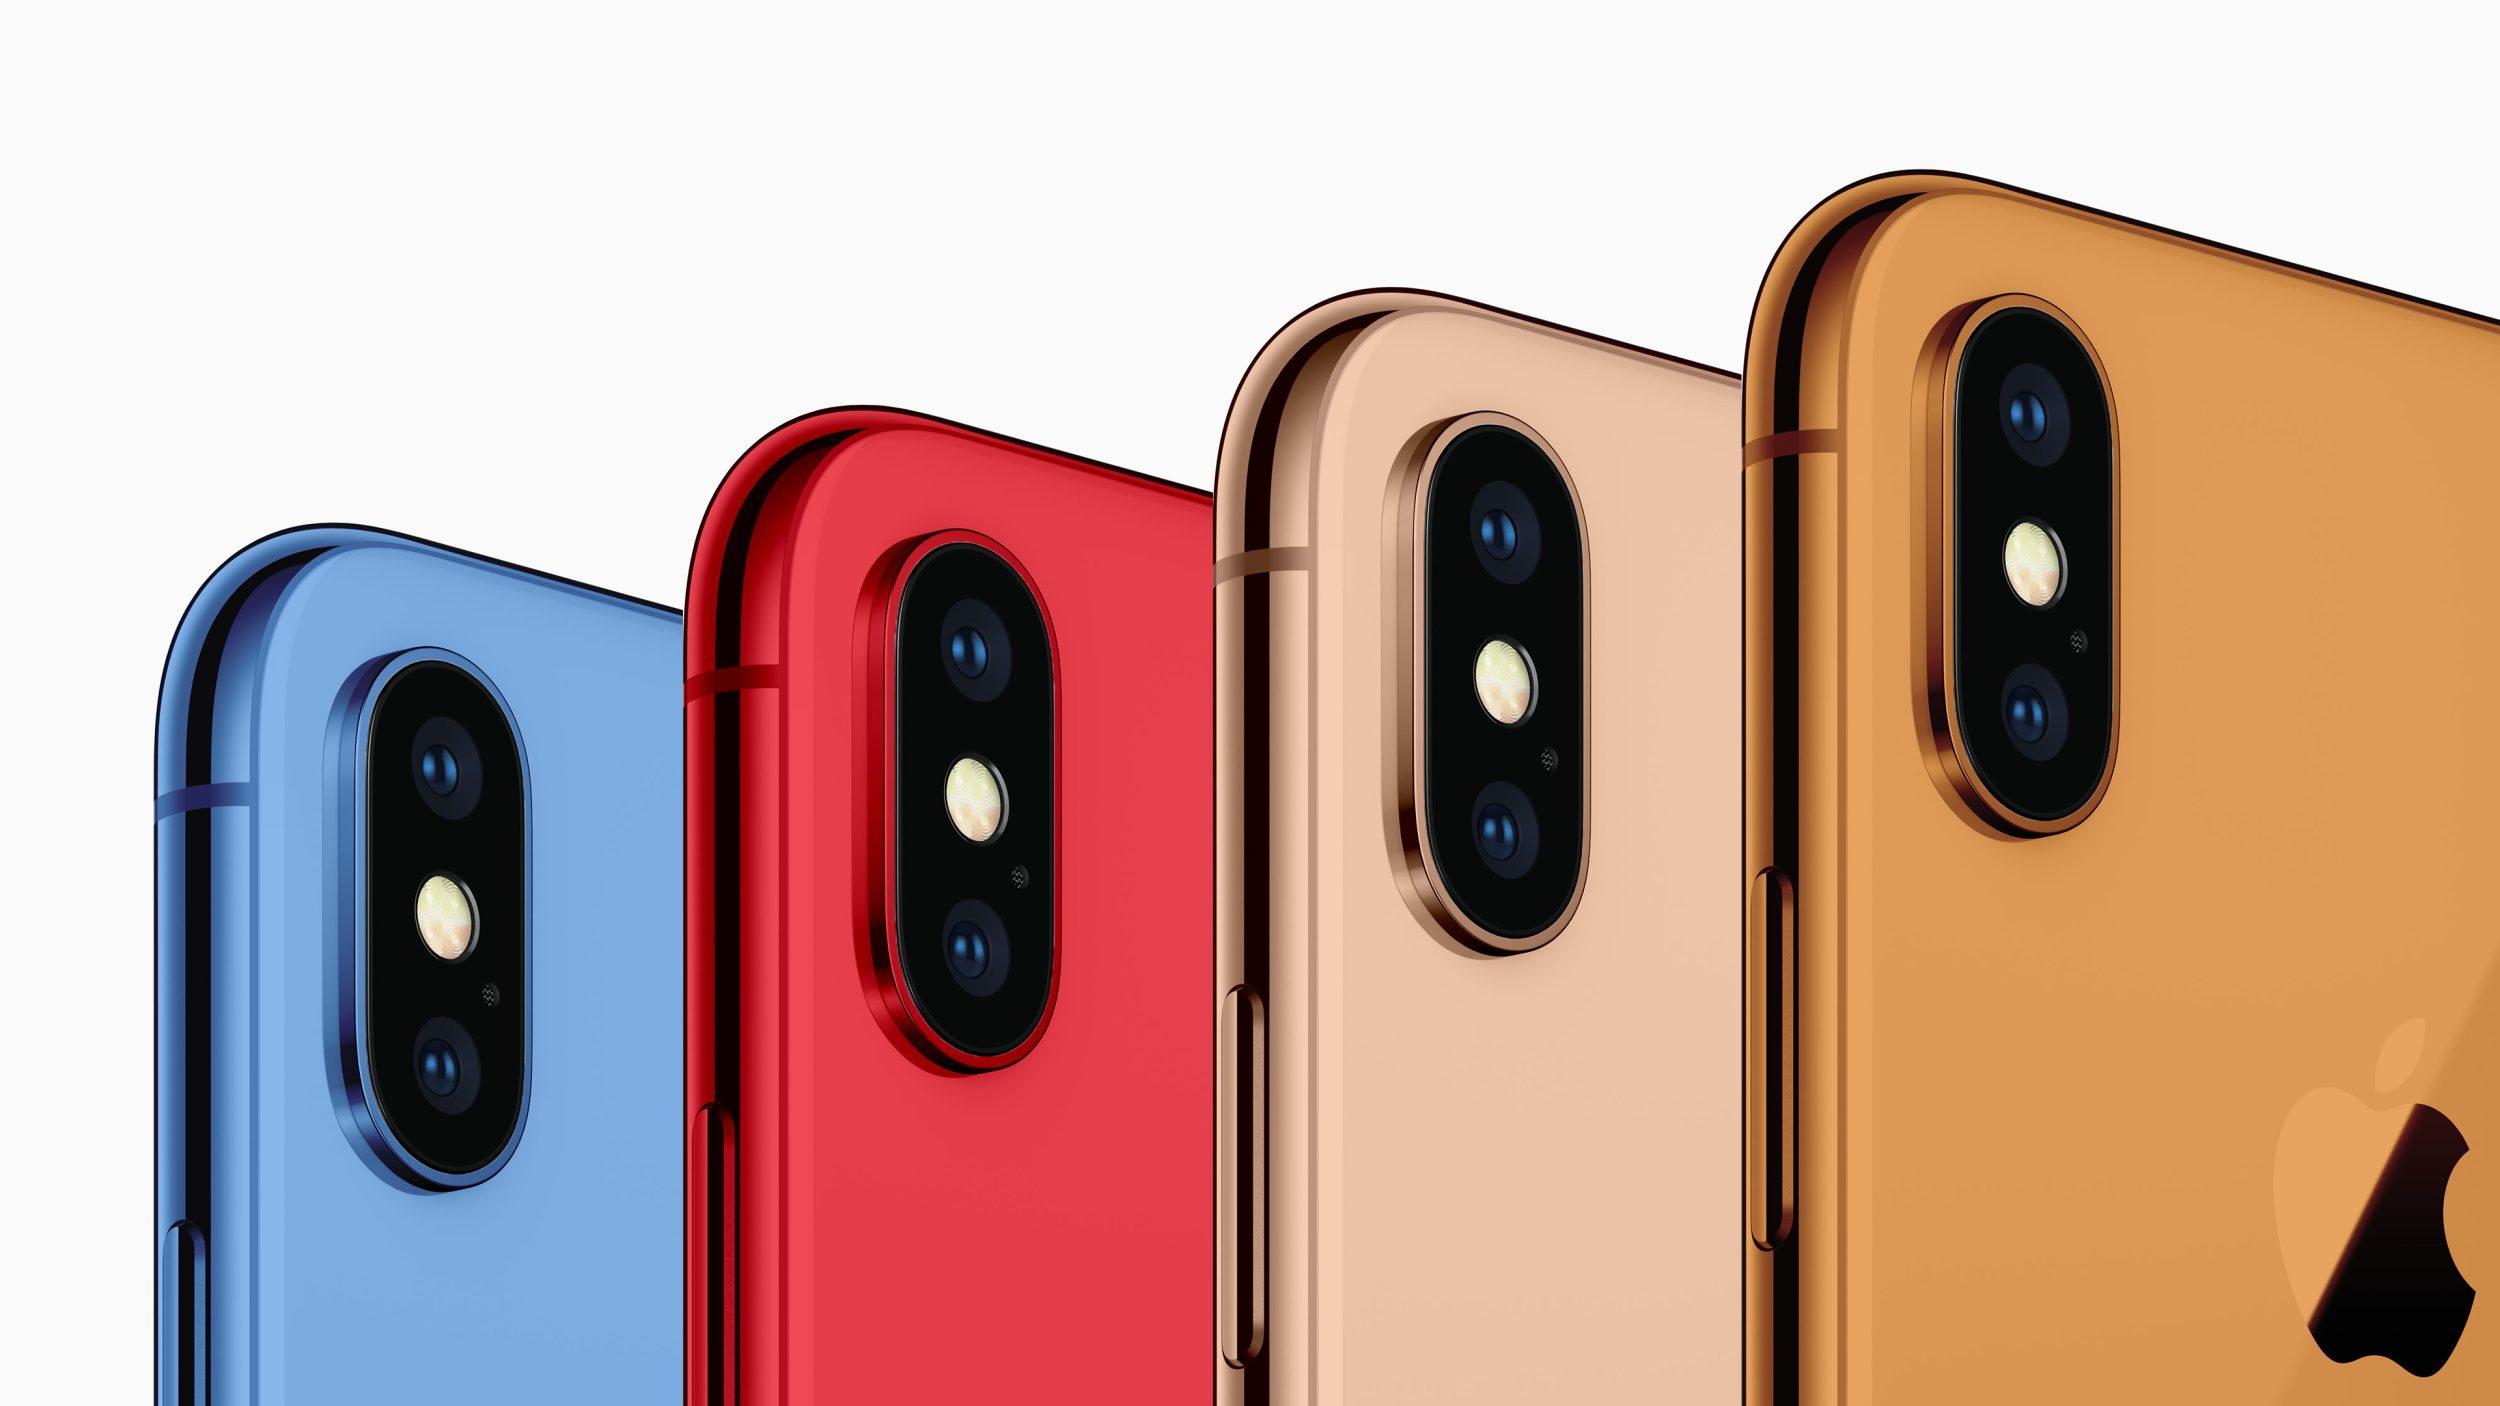 新型iPhone、低価格モデルはオレンジ・ブルー・レッドなど5色展開の噂